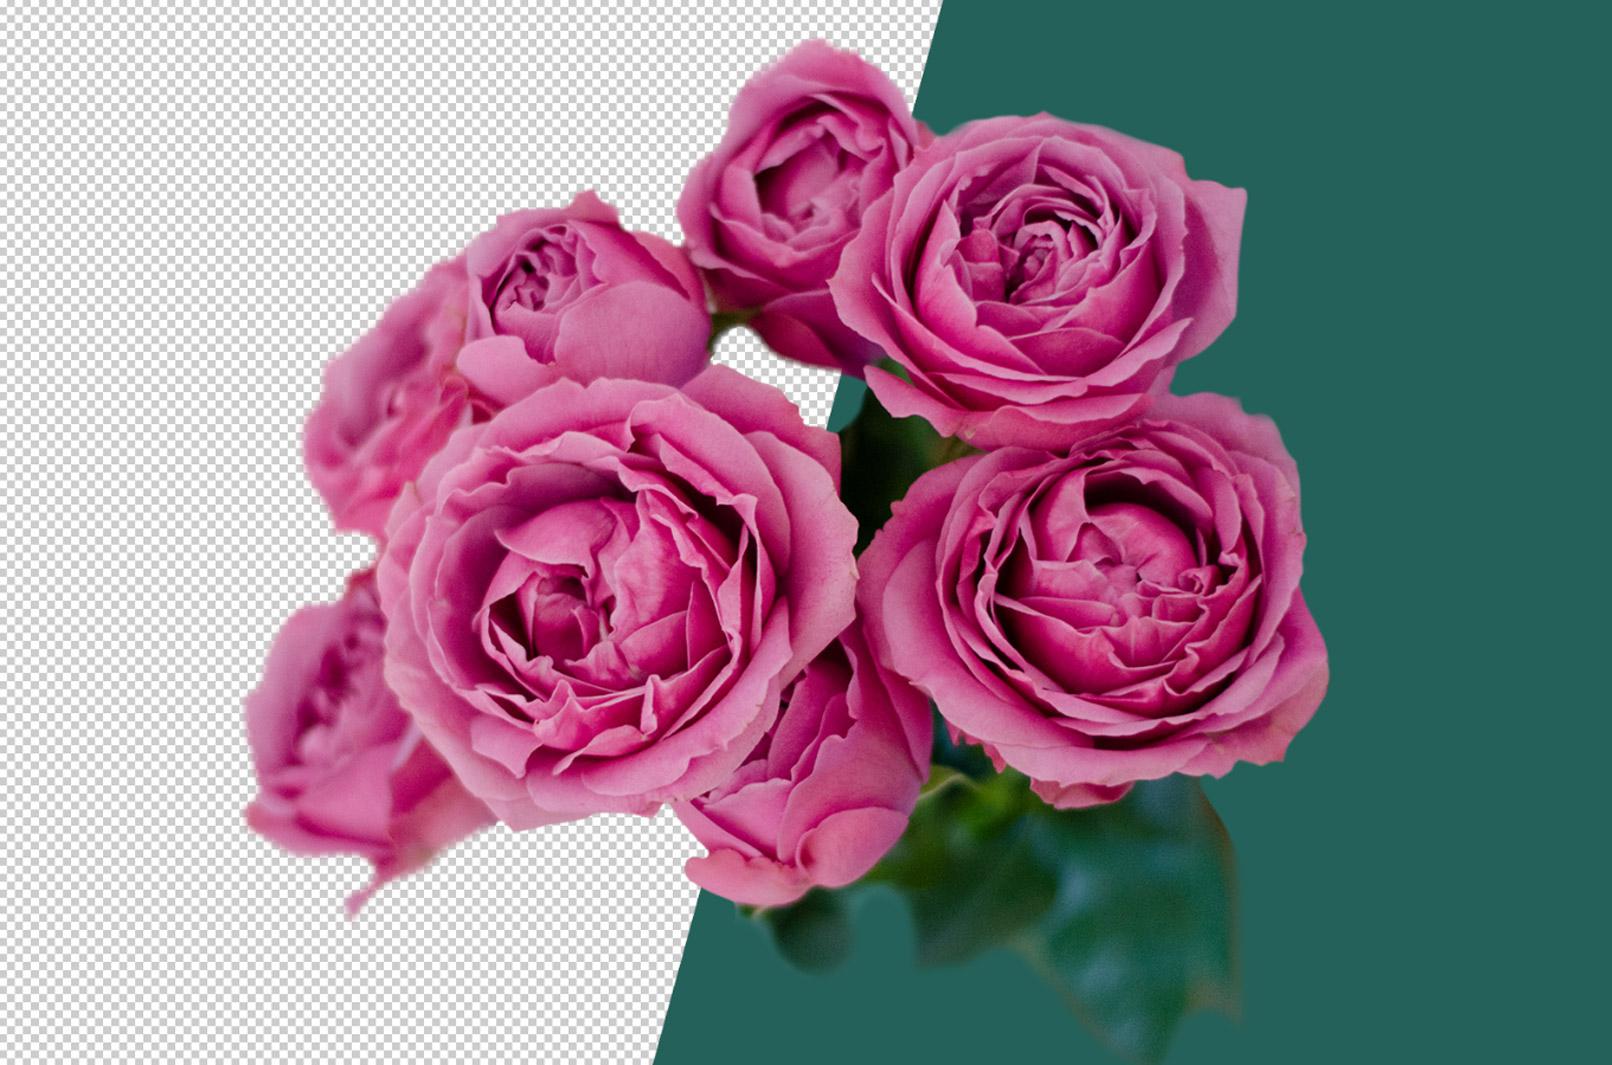 Rosa Rosen vor transparentem Hintergrund